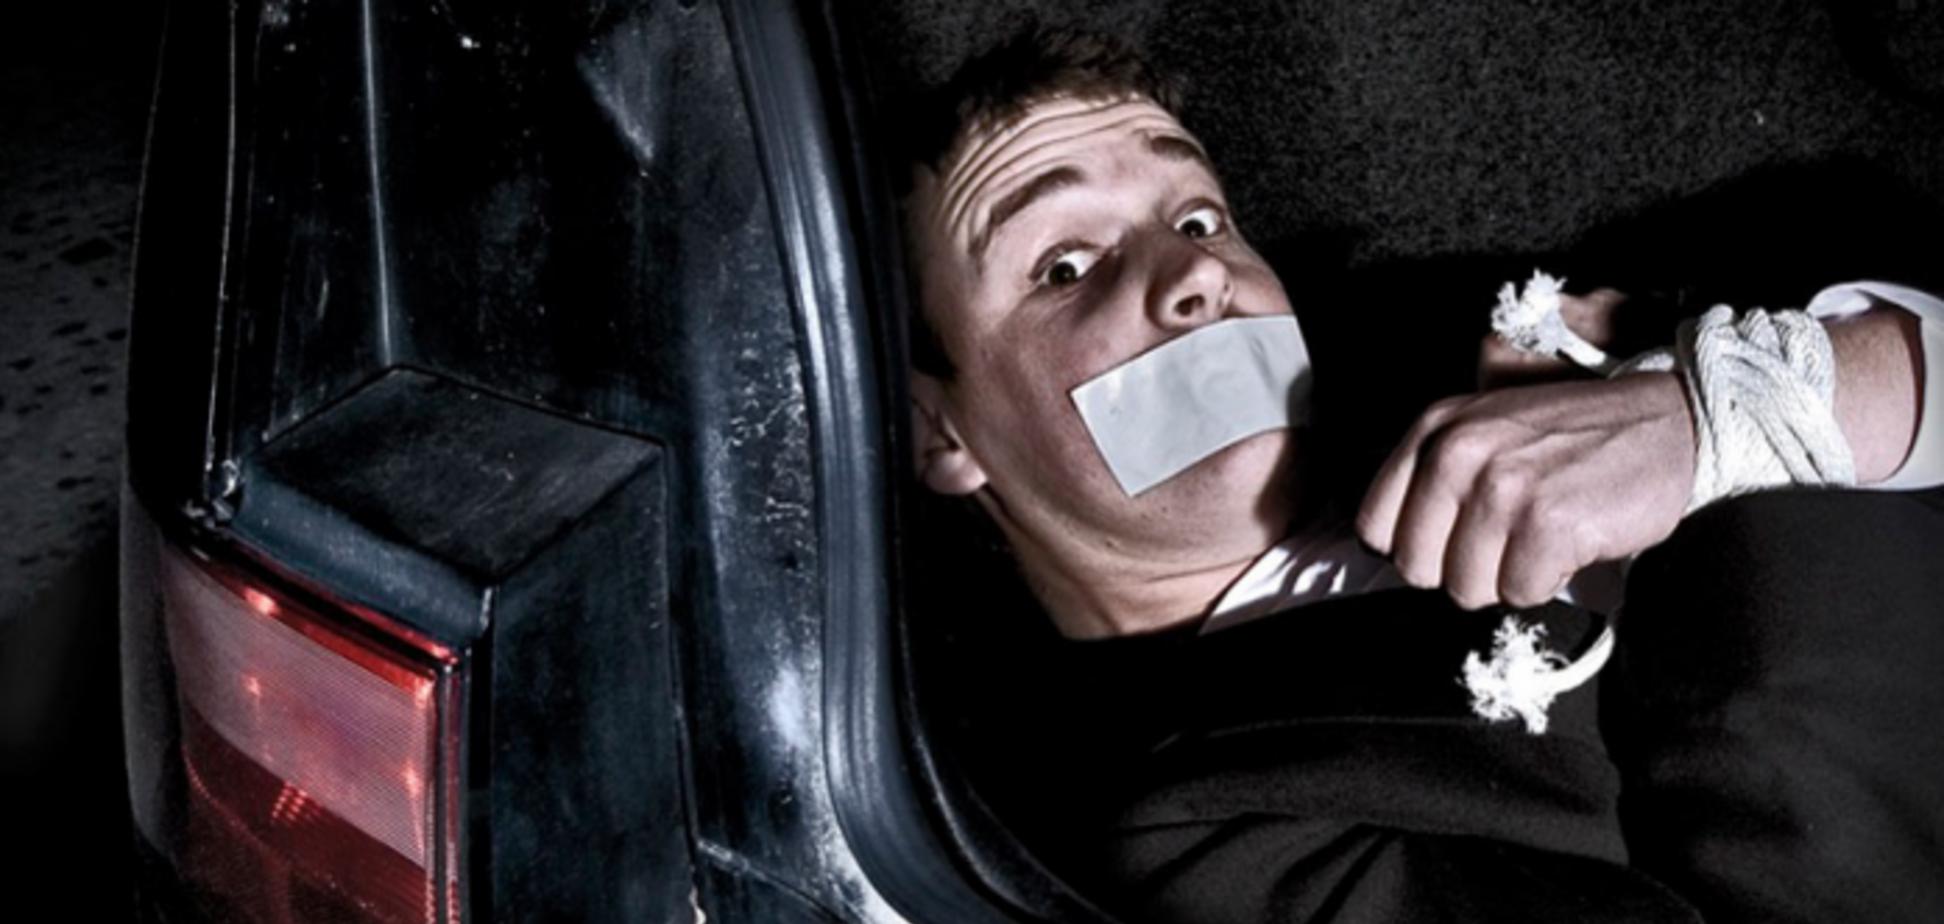 Затолкали в багажник и увезли: в центре Киева похитили человека